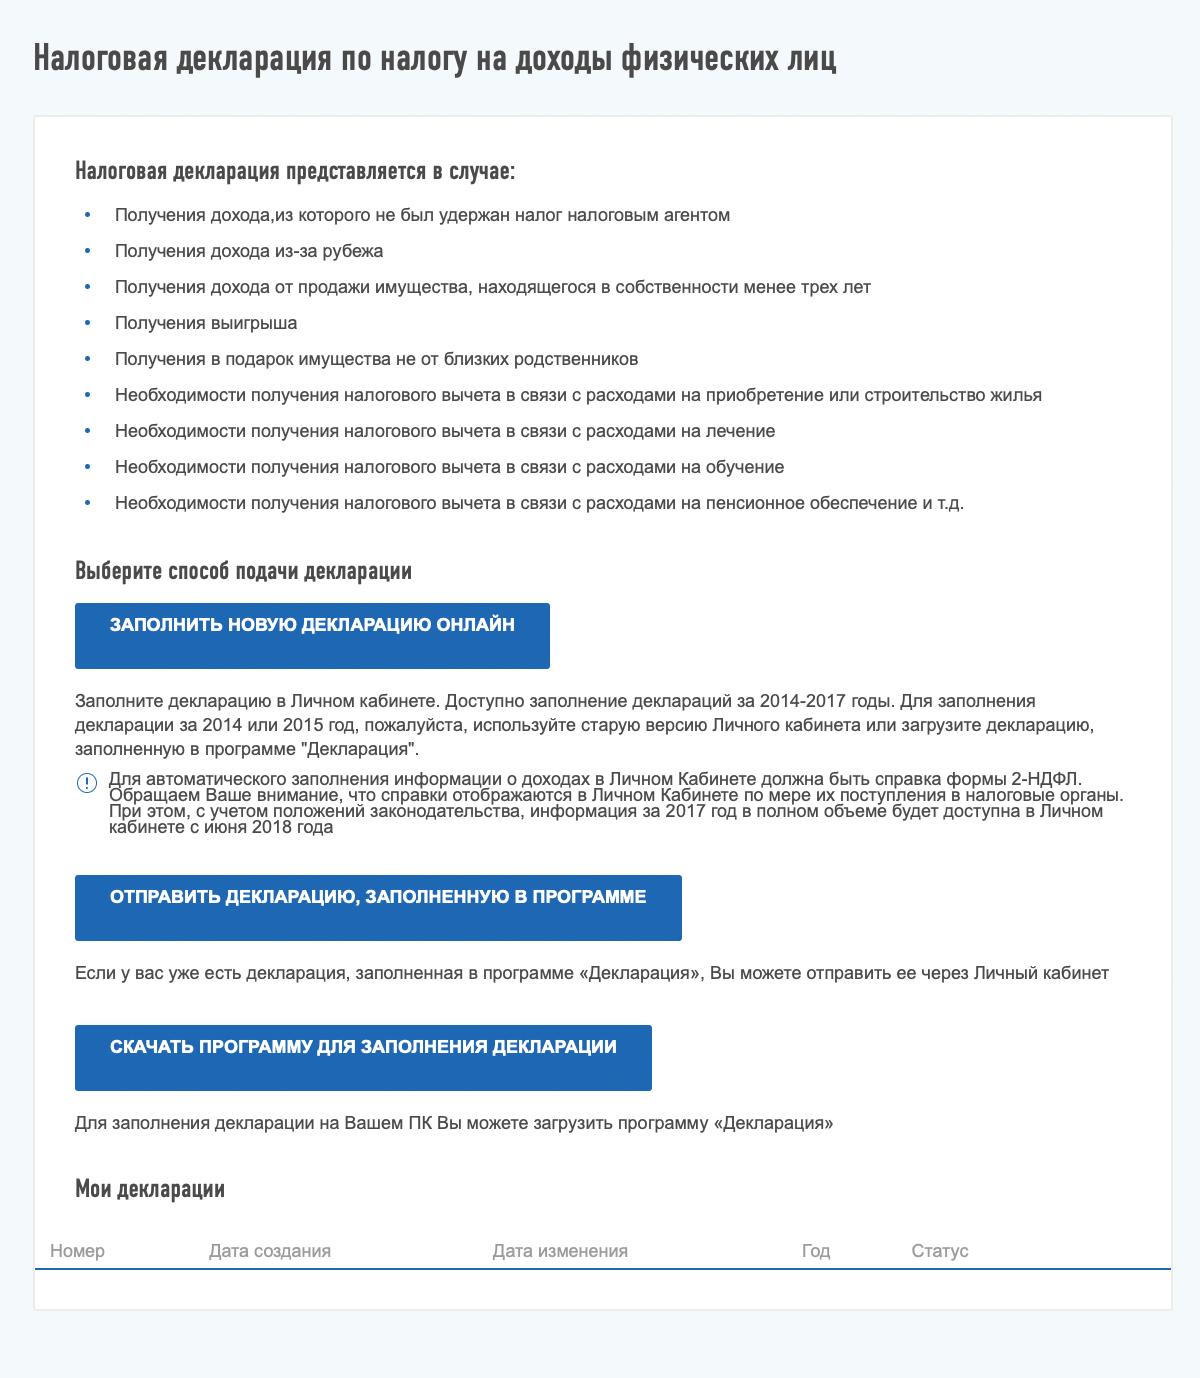 В личном кабинете можно выбрать разные способы подачи декларации 3-НДФЛ